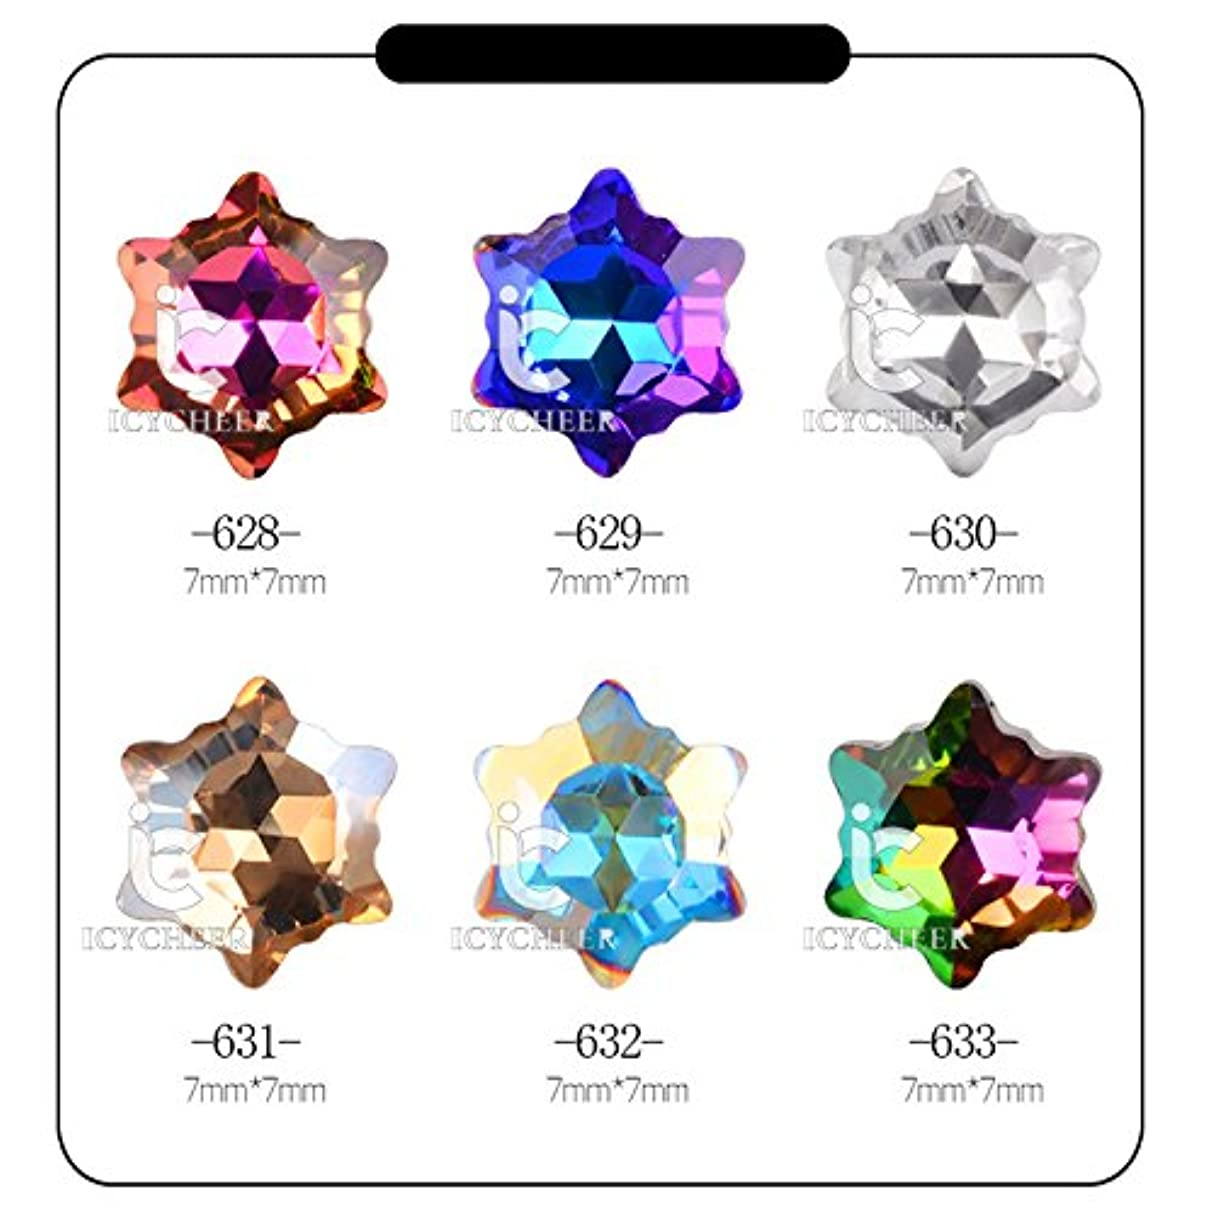 草想定する有能なICYCHEERホット3Dネイルアートラインストーングリッター宝石のアクリルのヒントデコレーションマニキュアホイール (629)